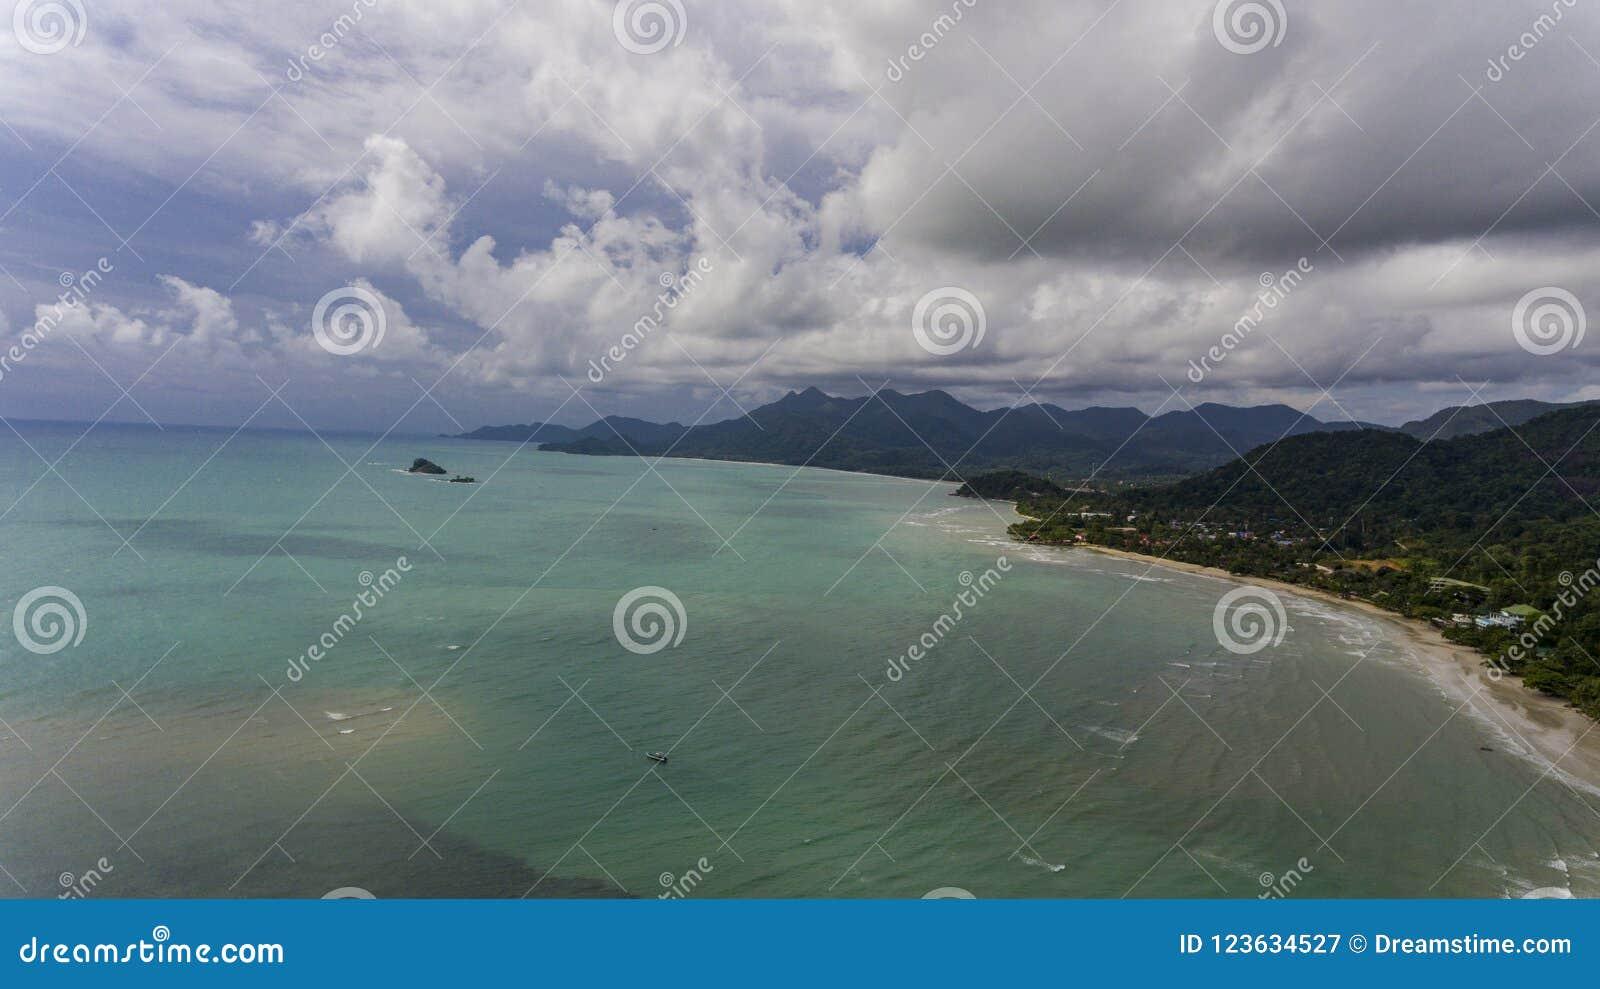 Εναέρια άποψη με την καταπληκτική παραλία και το μπλε νερό